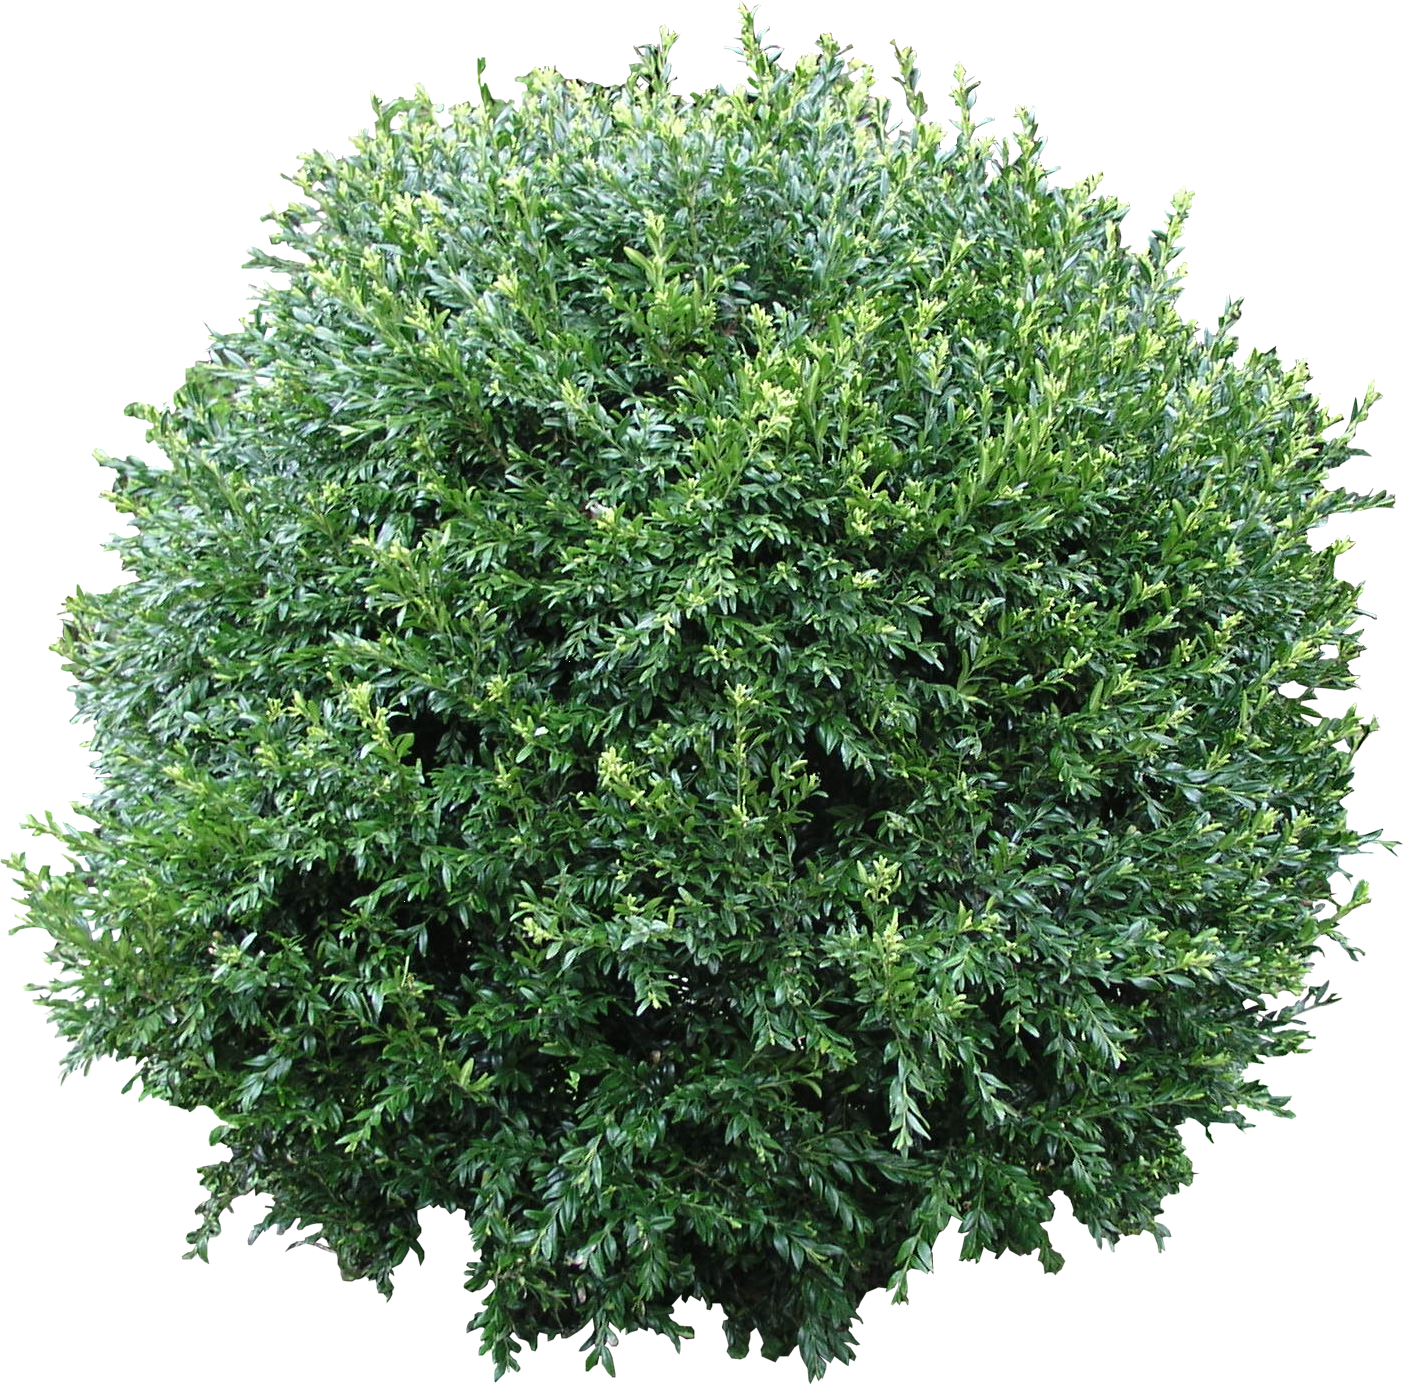 Bush.png (1404×1385) - Shrub Bushes, Transparent background PNG HD thumbnail